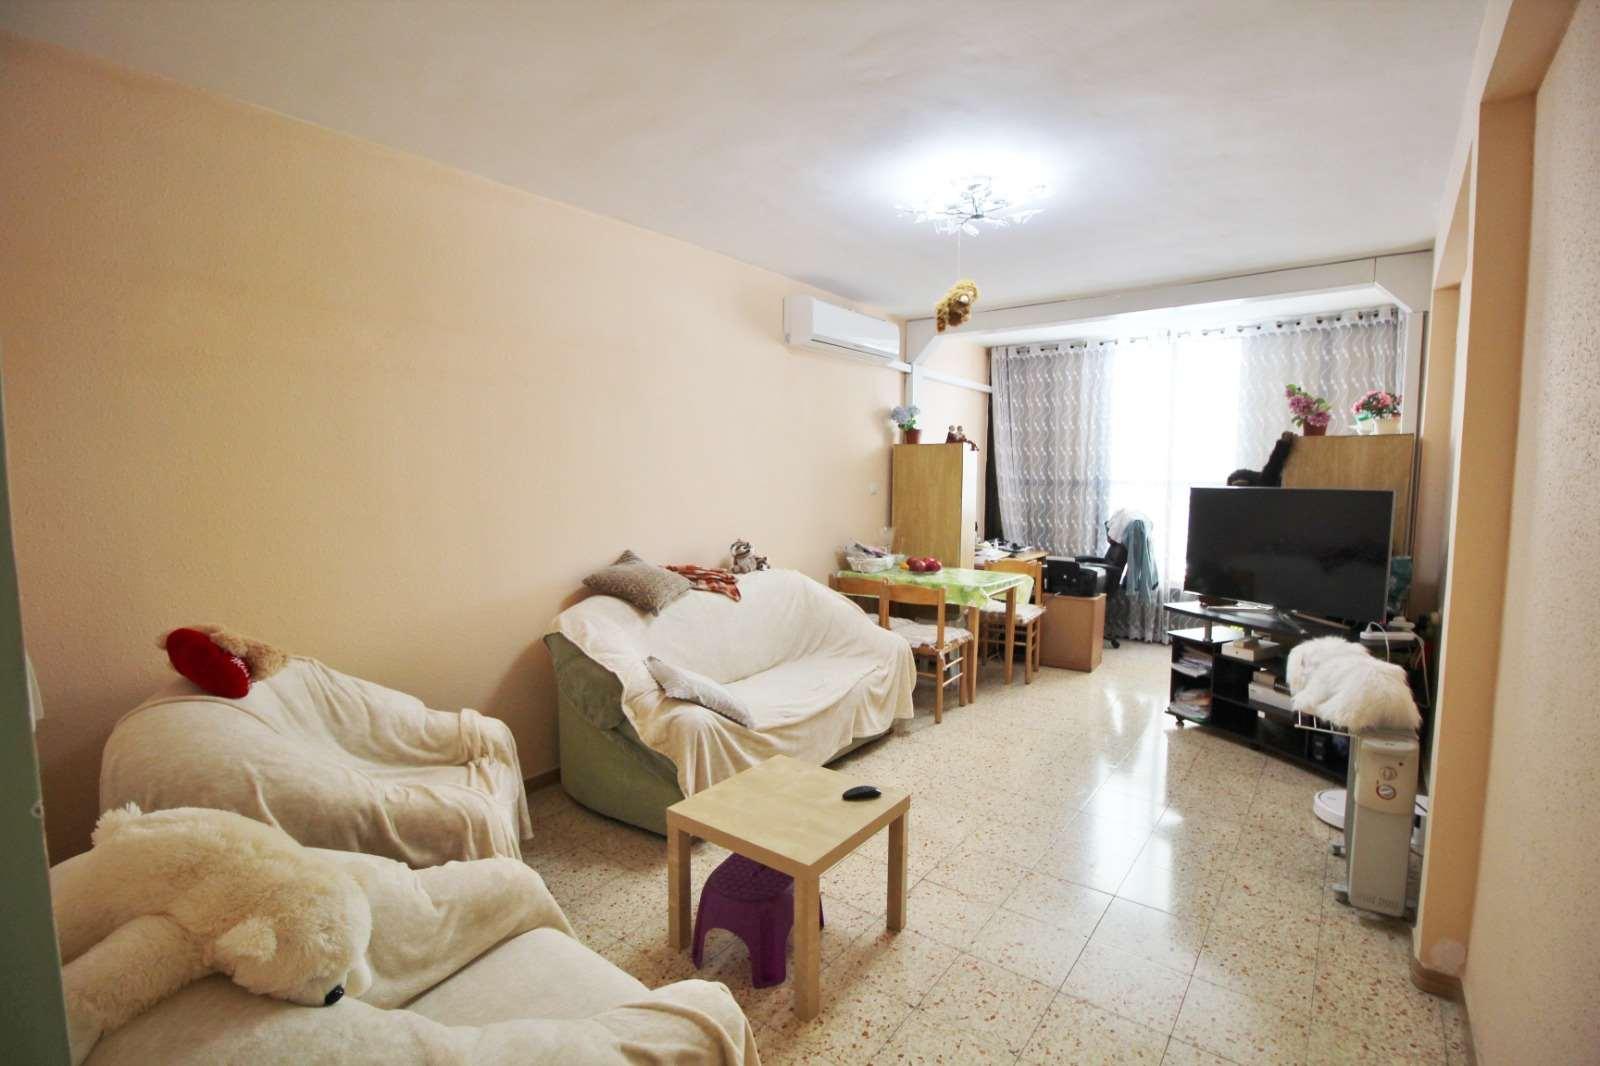 דירה למכירה 3 חדרים בבת ים אבא ברדיצ'ב